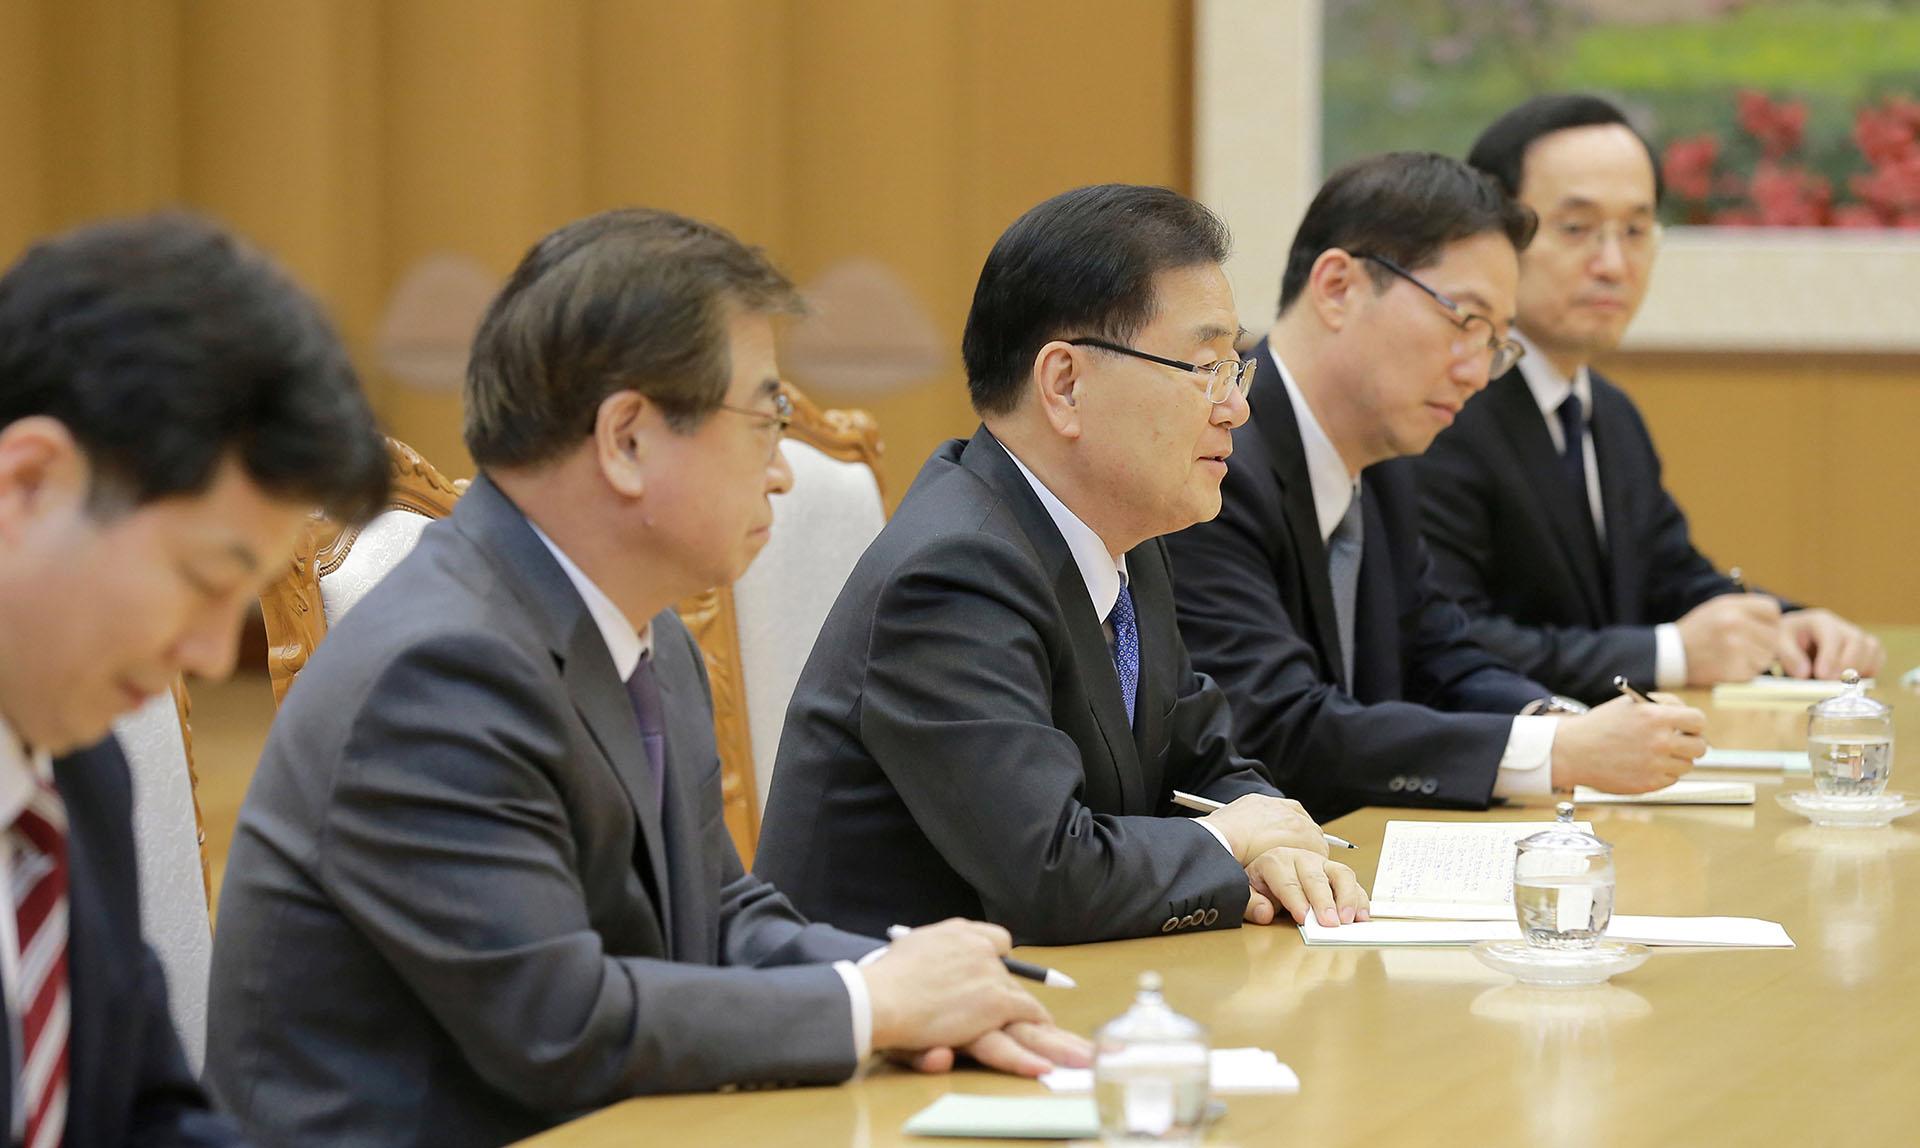 Esta reunión con altos funcionarios de Corea del Sur que se trasladaron al Norte es la primera en más de una década y el último paso en el acercamiento entre las dos Coreas favorecido por los Juegos Olímpicos de Invierno en el Sur